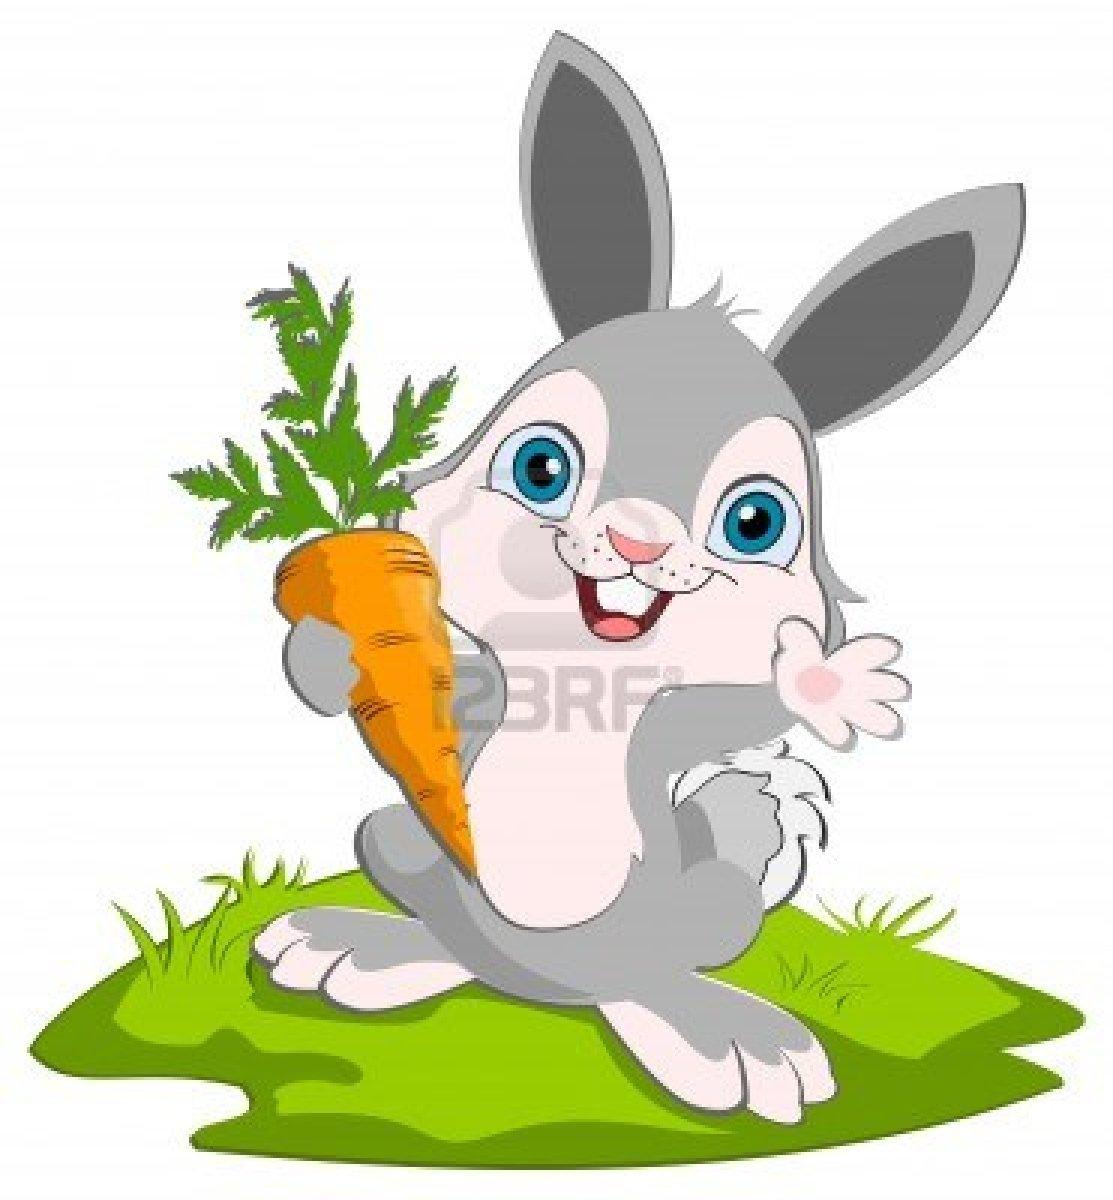 Dessins en couleurs imprimer lapin num ro 224639 - Lapin en dessin ...